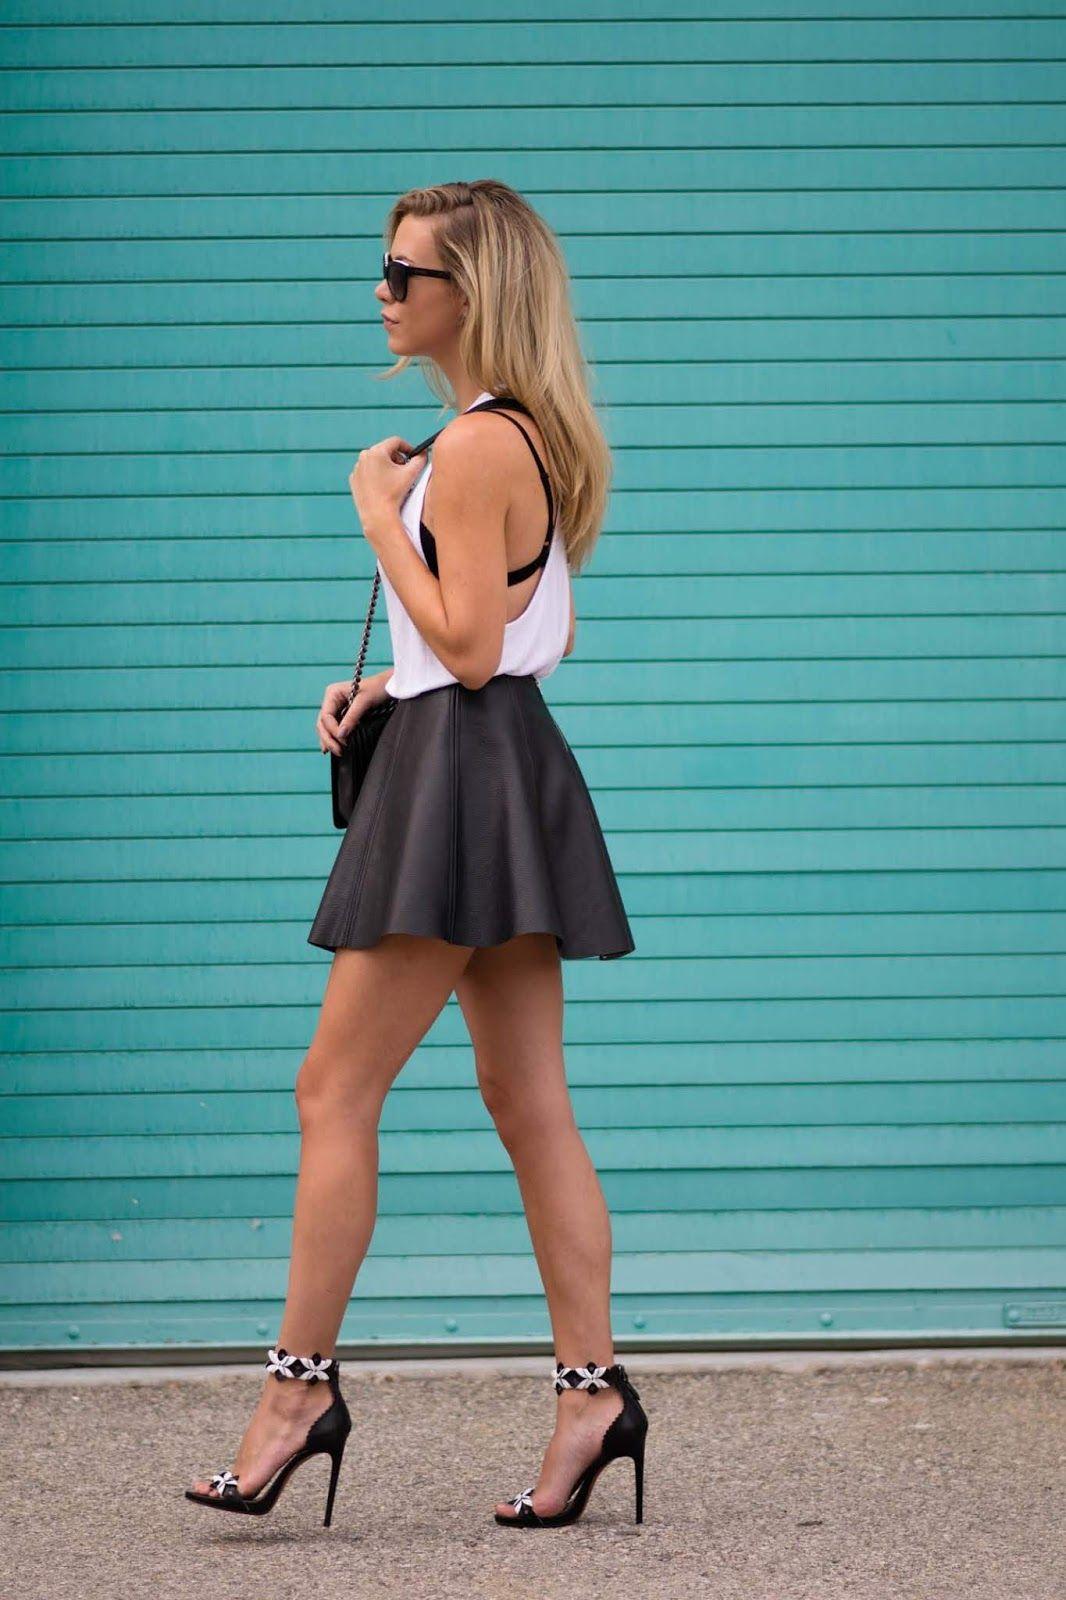 Pics short girls skirts hormone